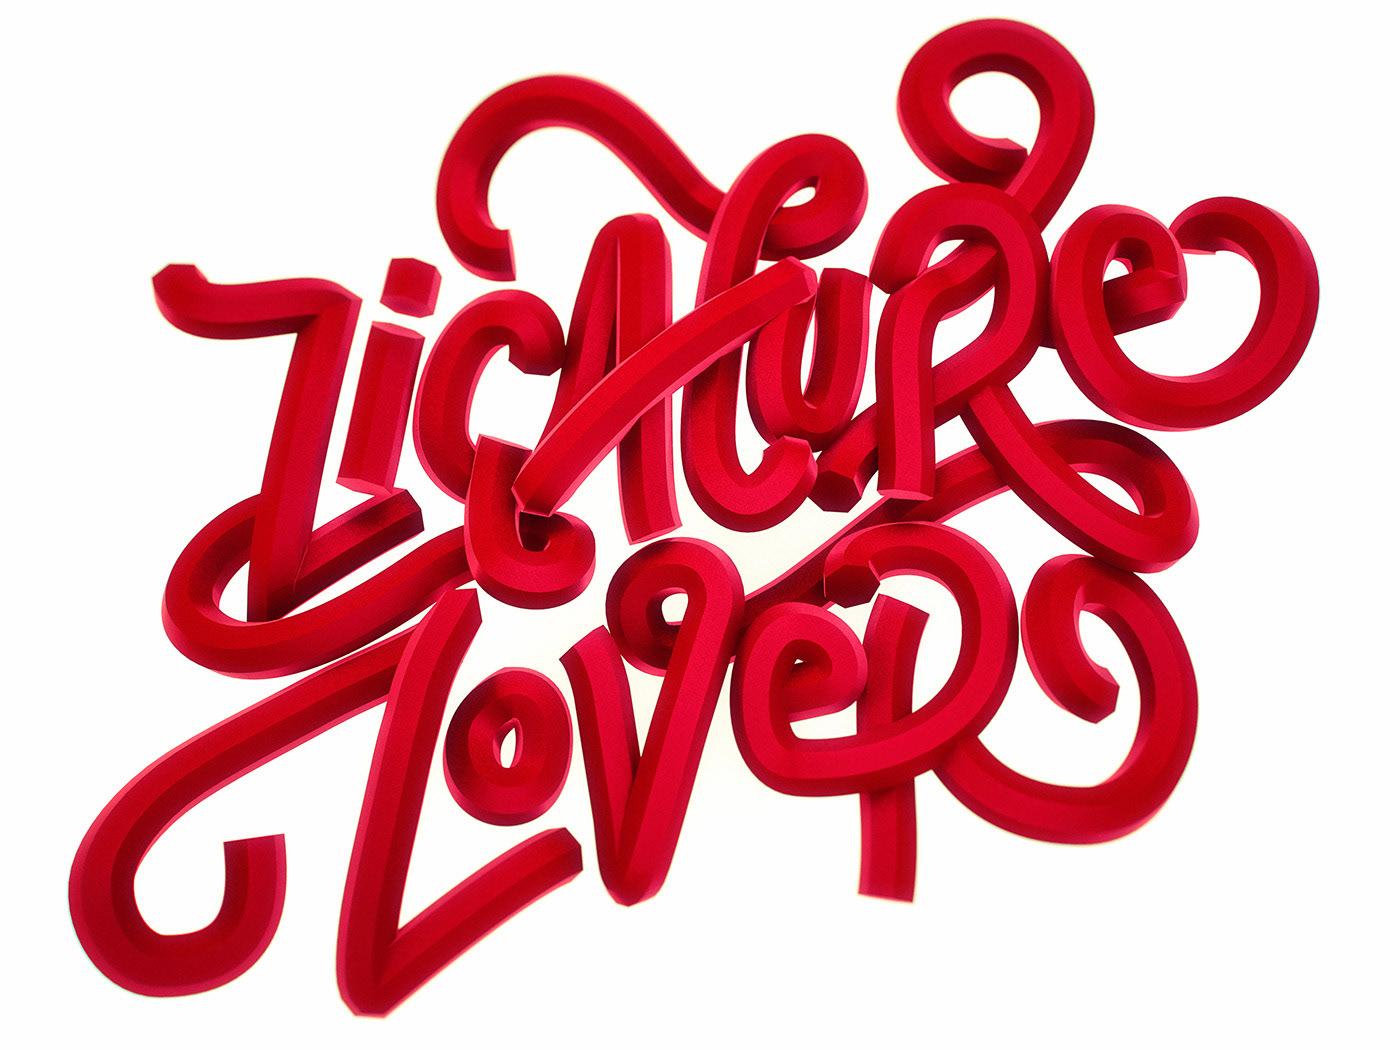 Lettering ligatures